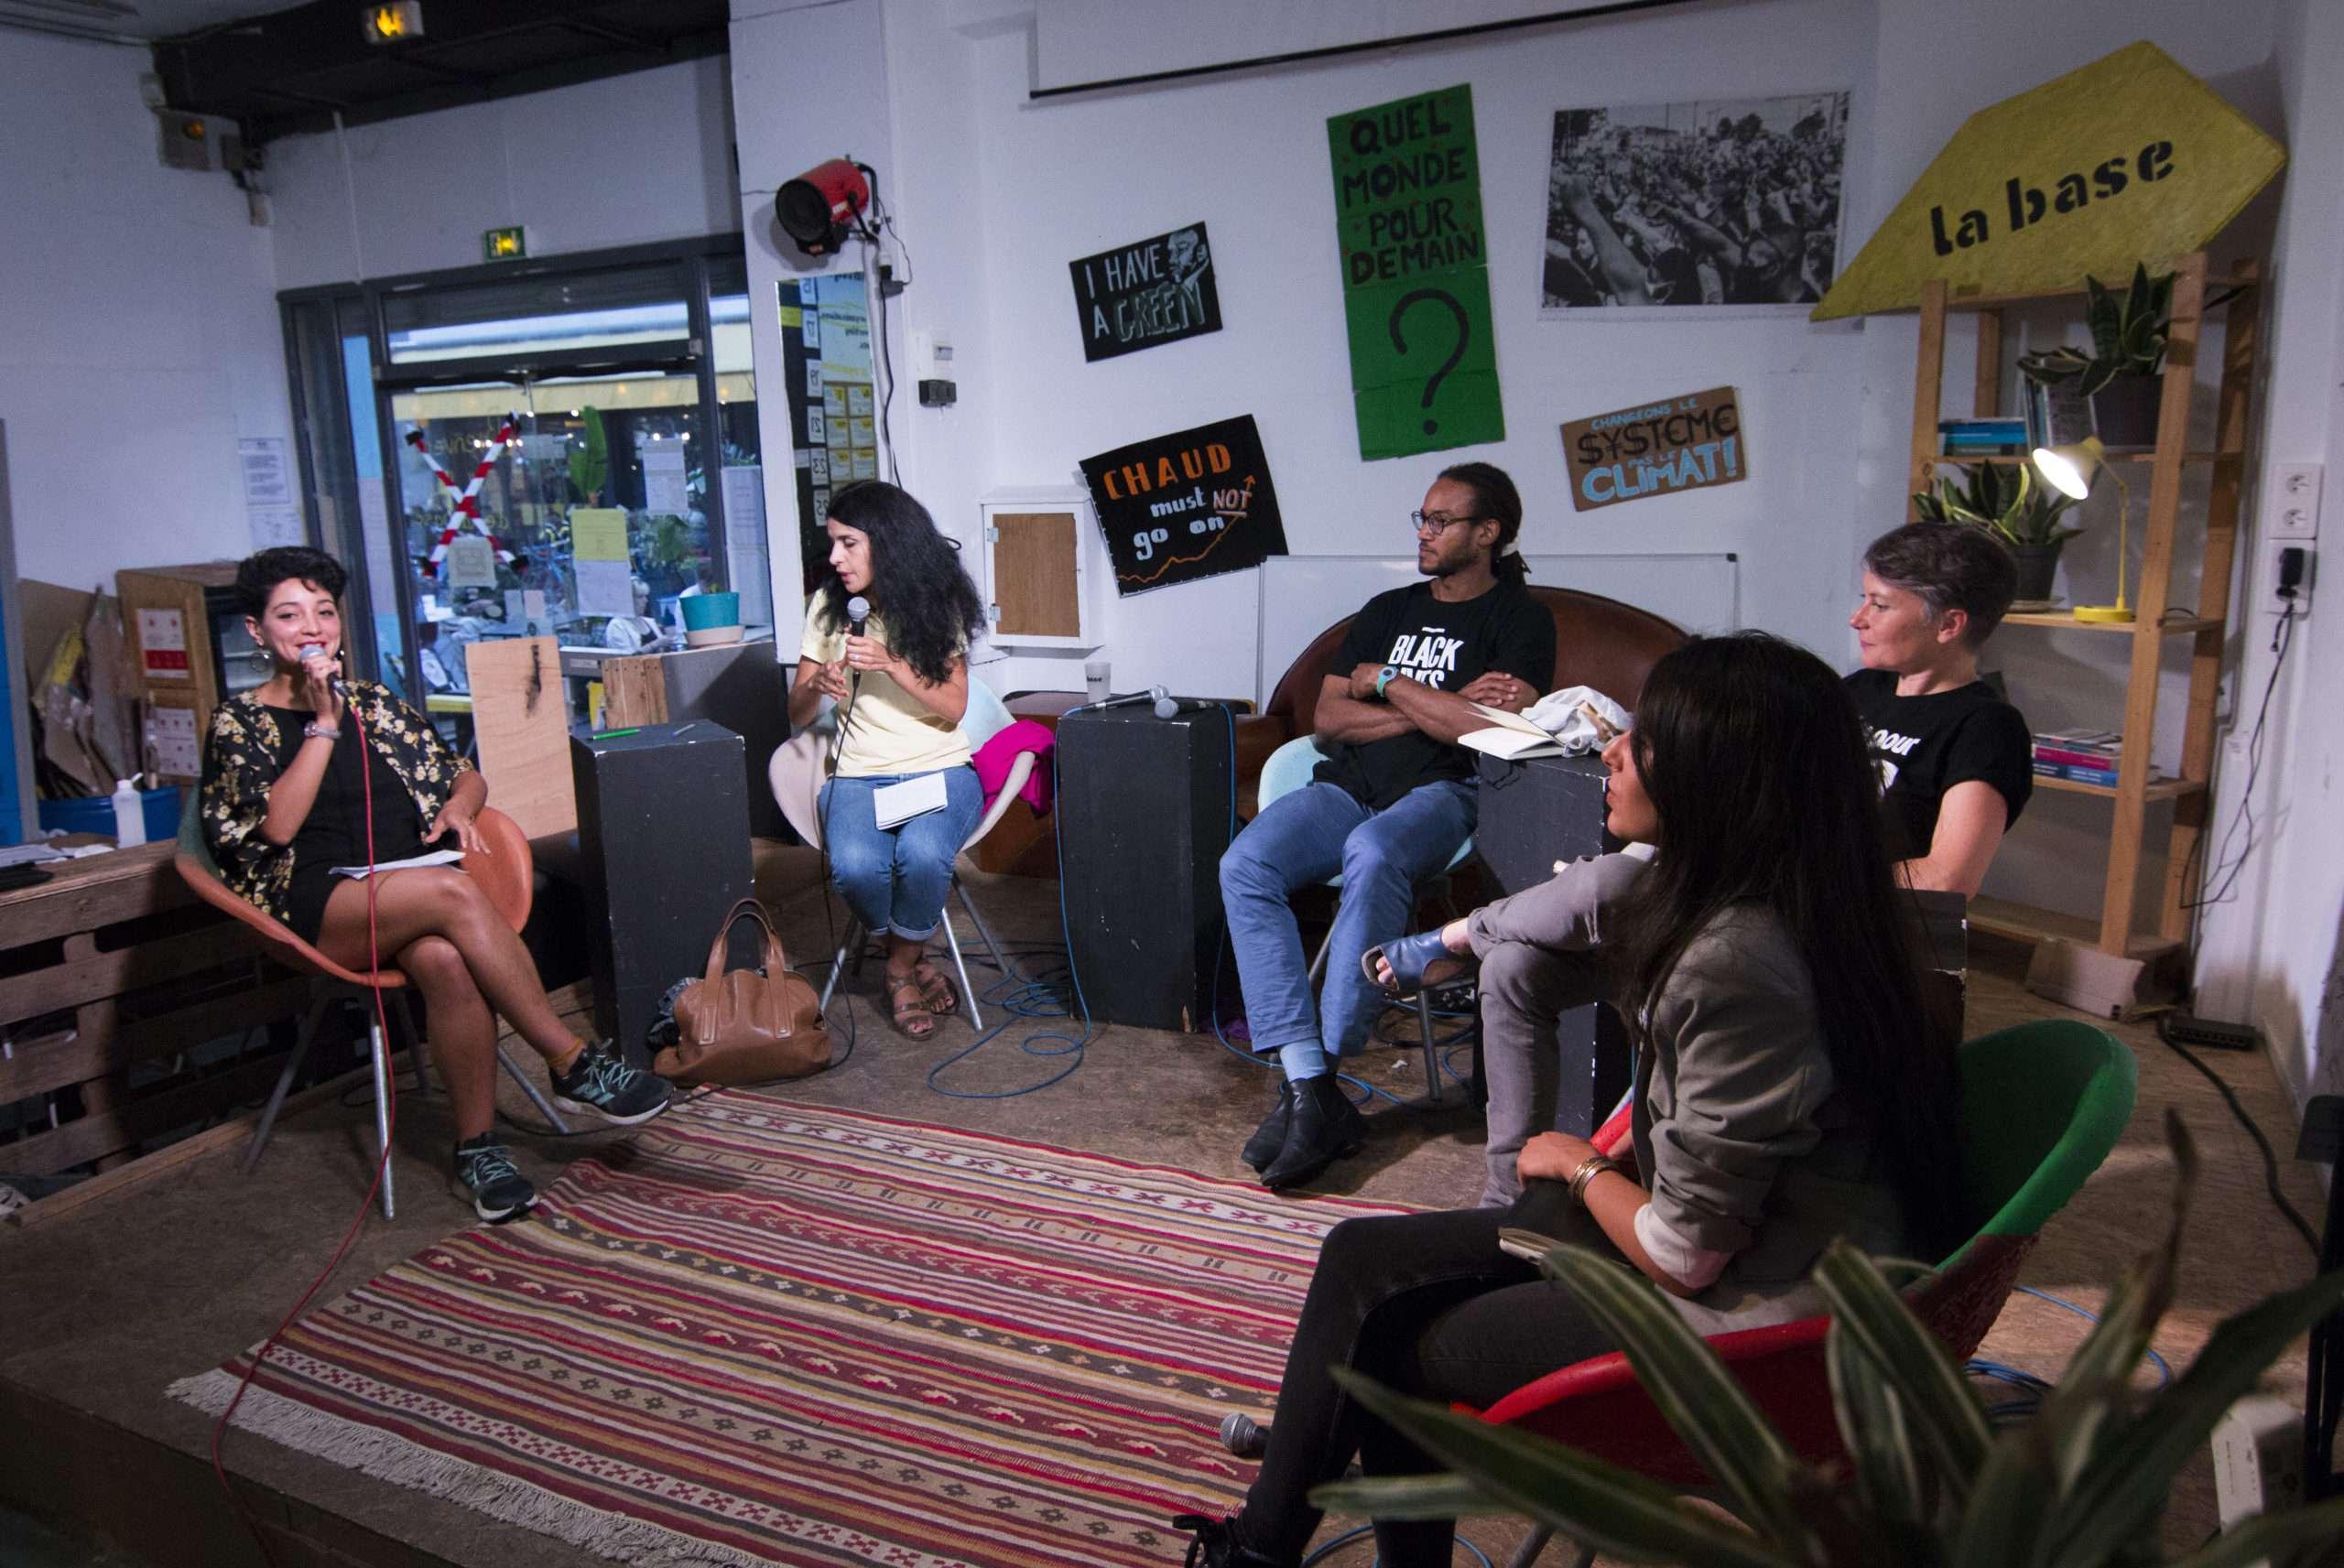 Conférence La Base Alternatiba Collectif Adama Paris 2020 @Martin Lelievre pour Radio Parleur_21